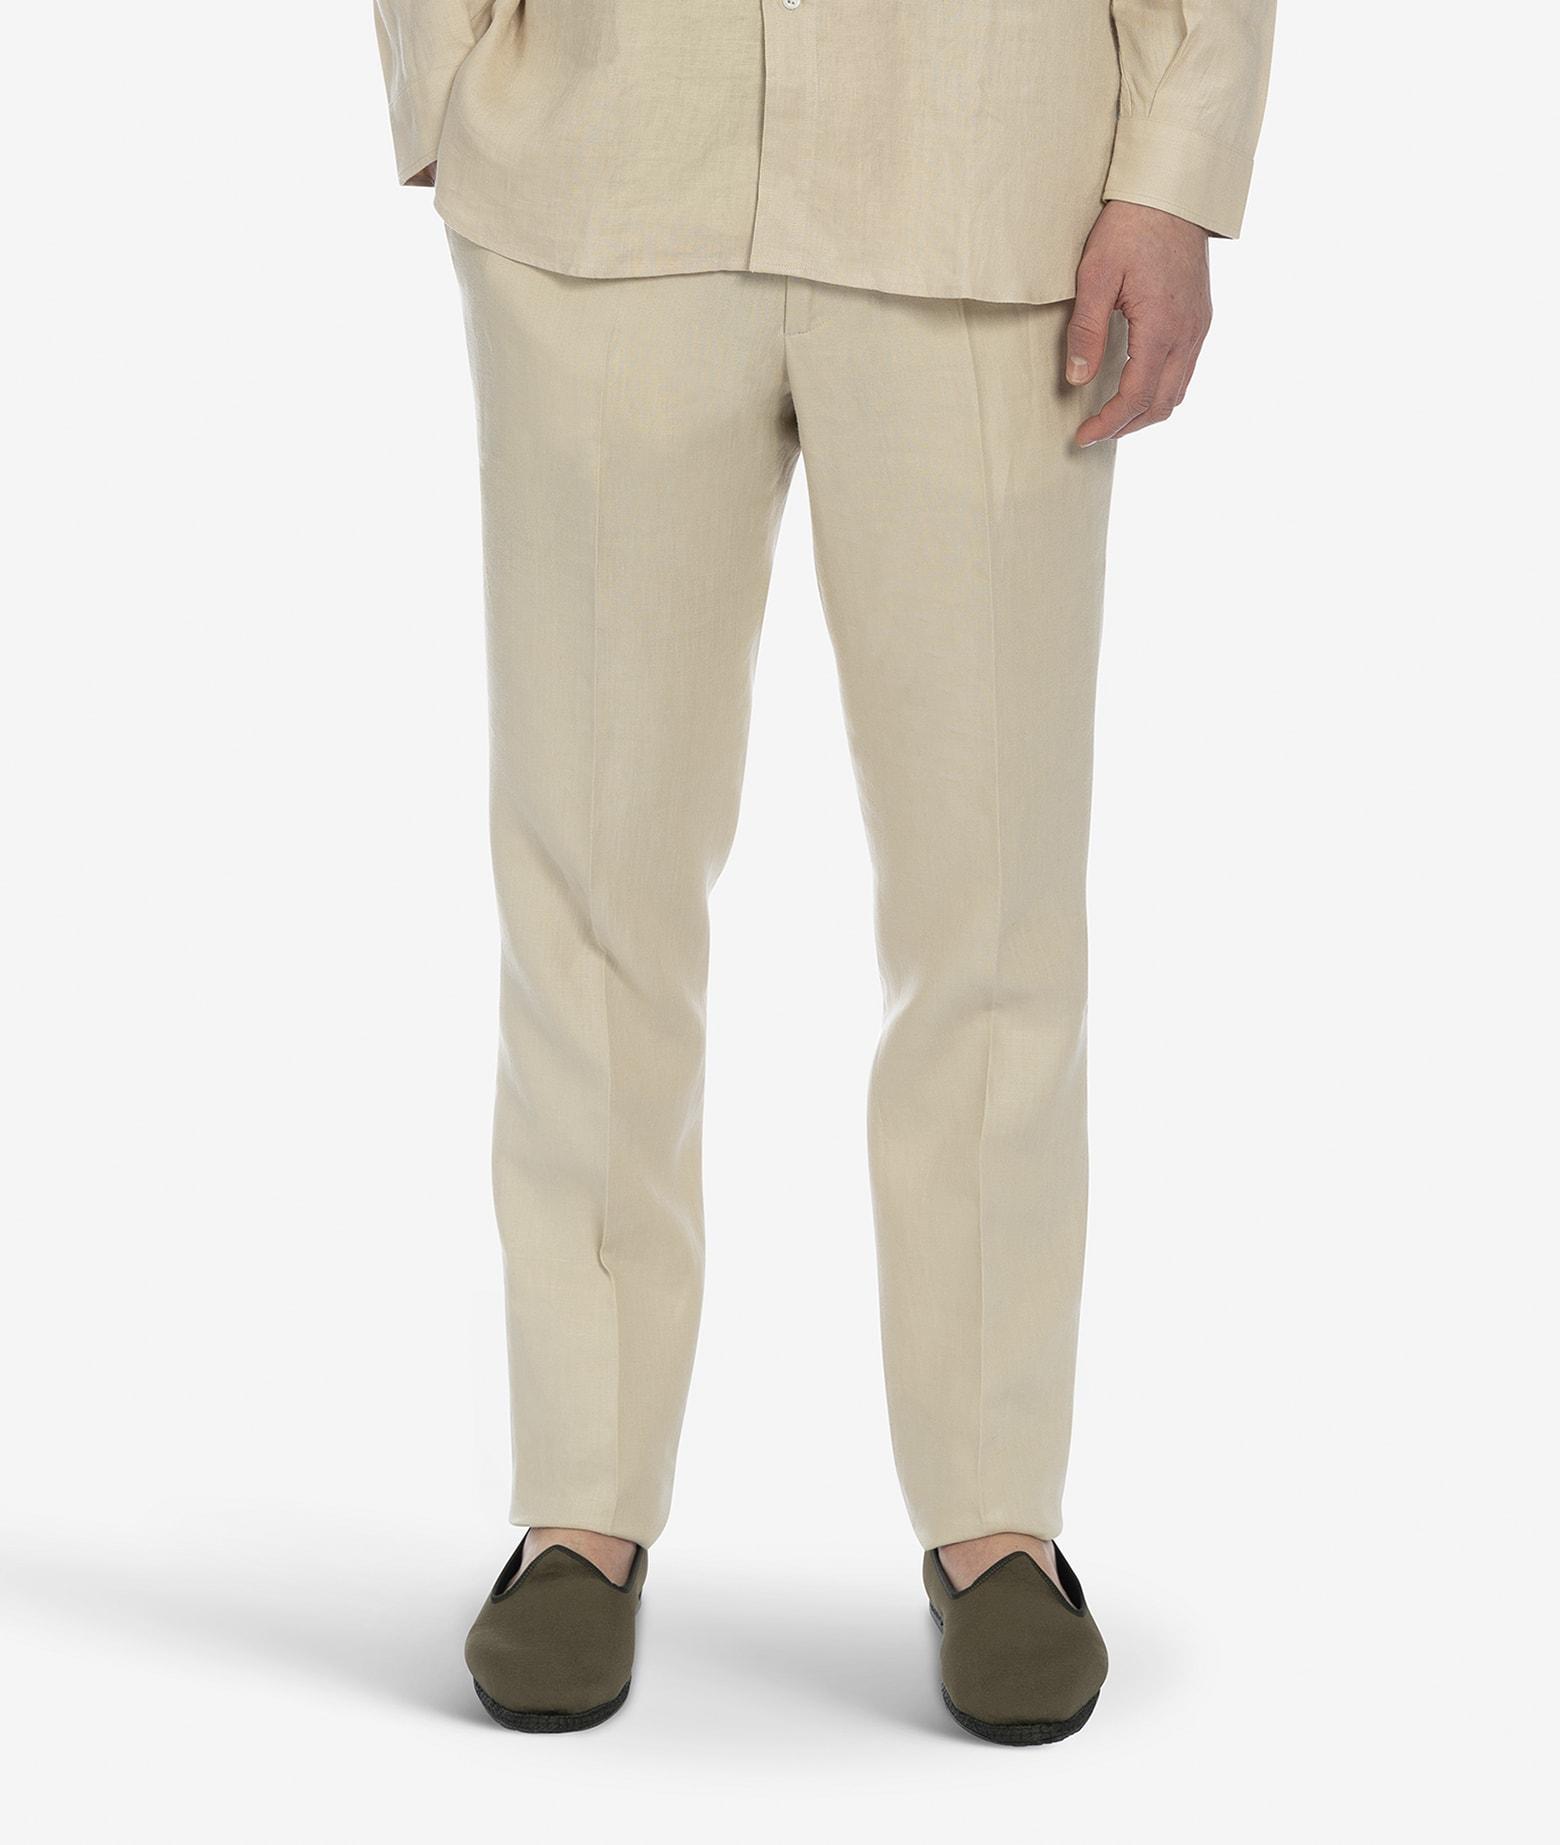 portofino Trousers